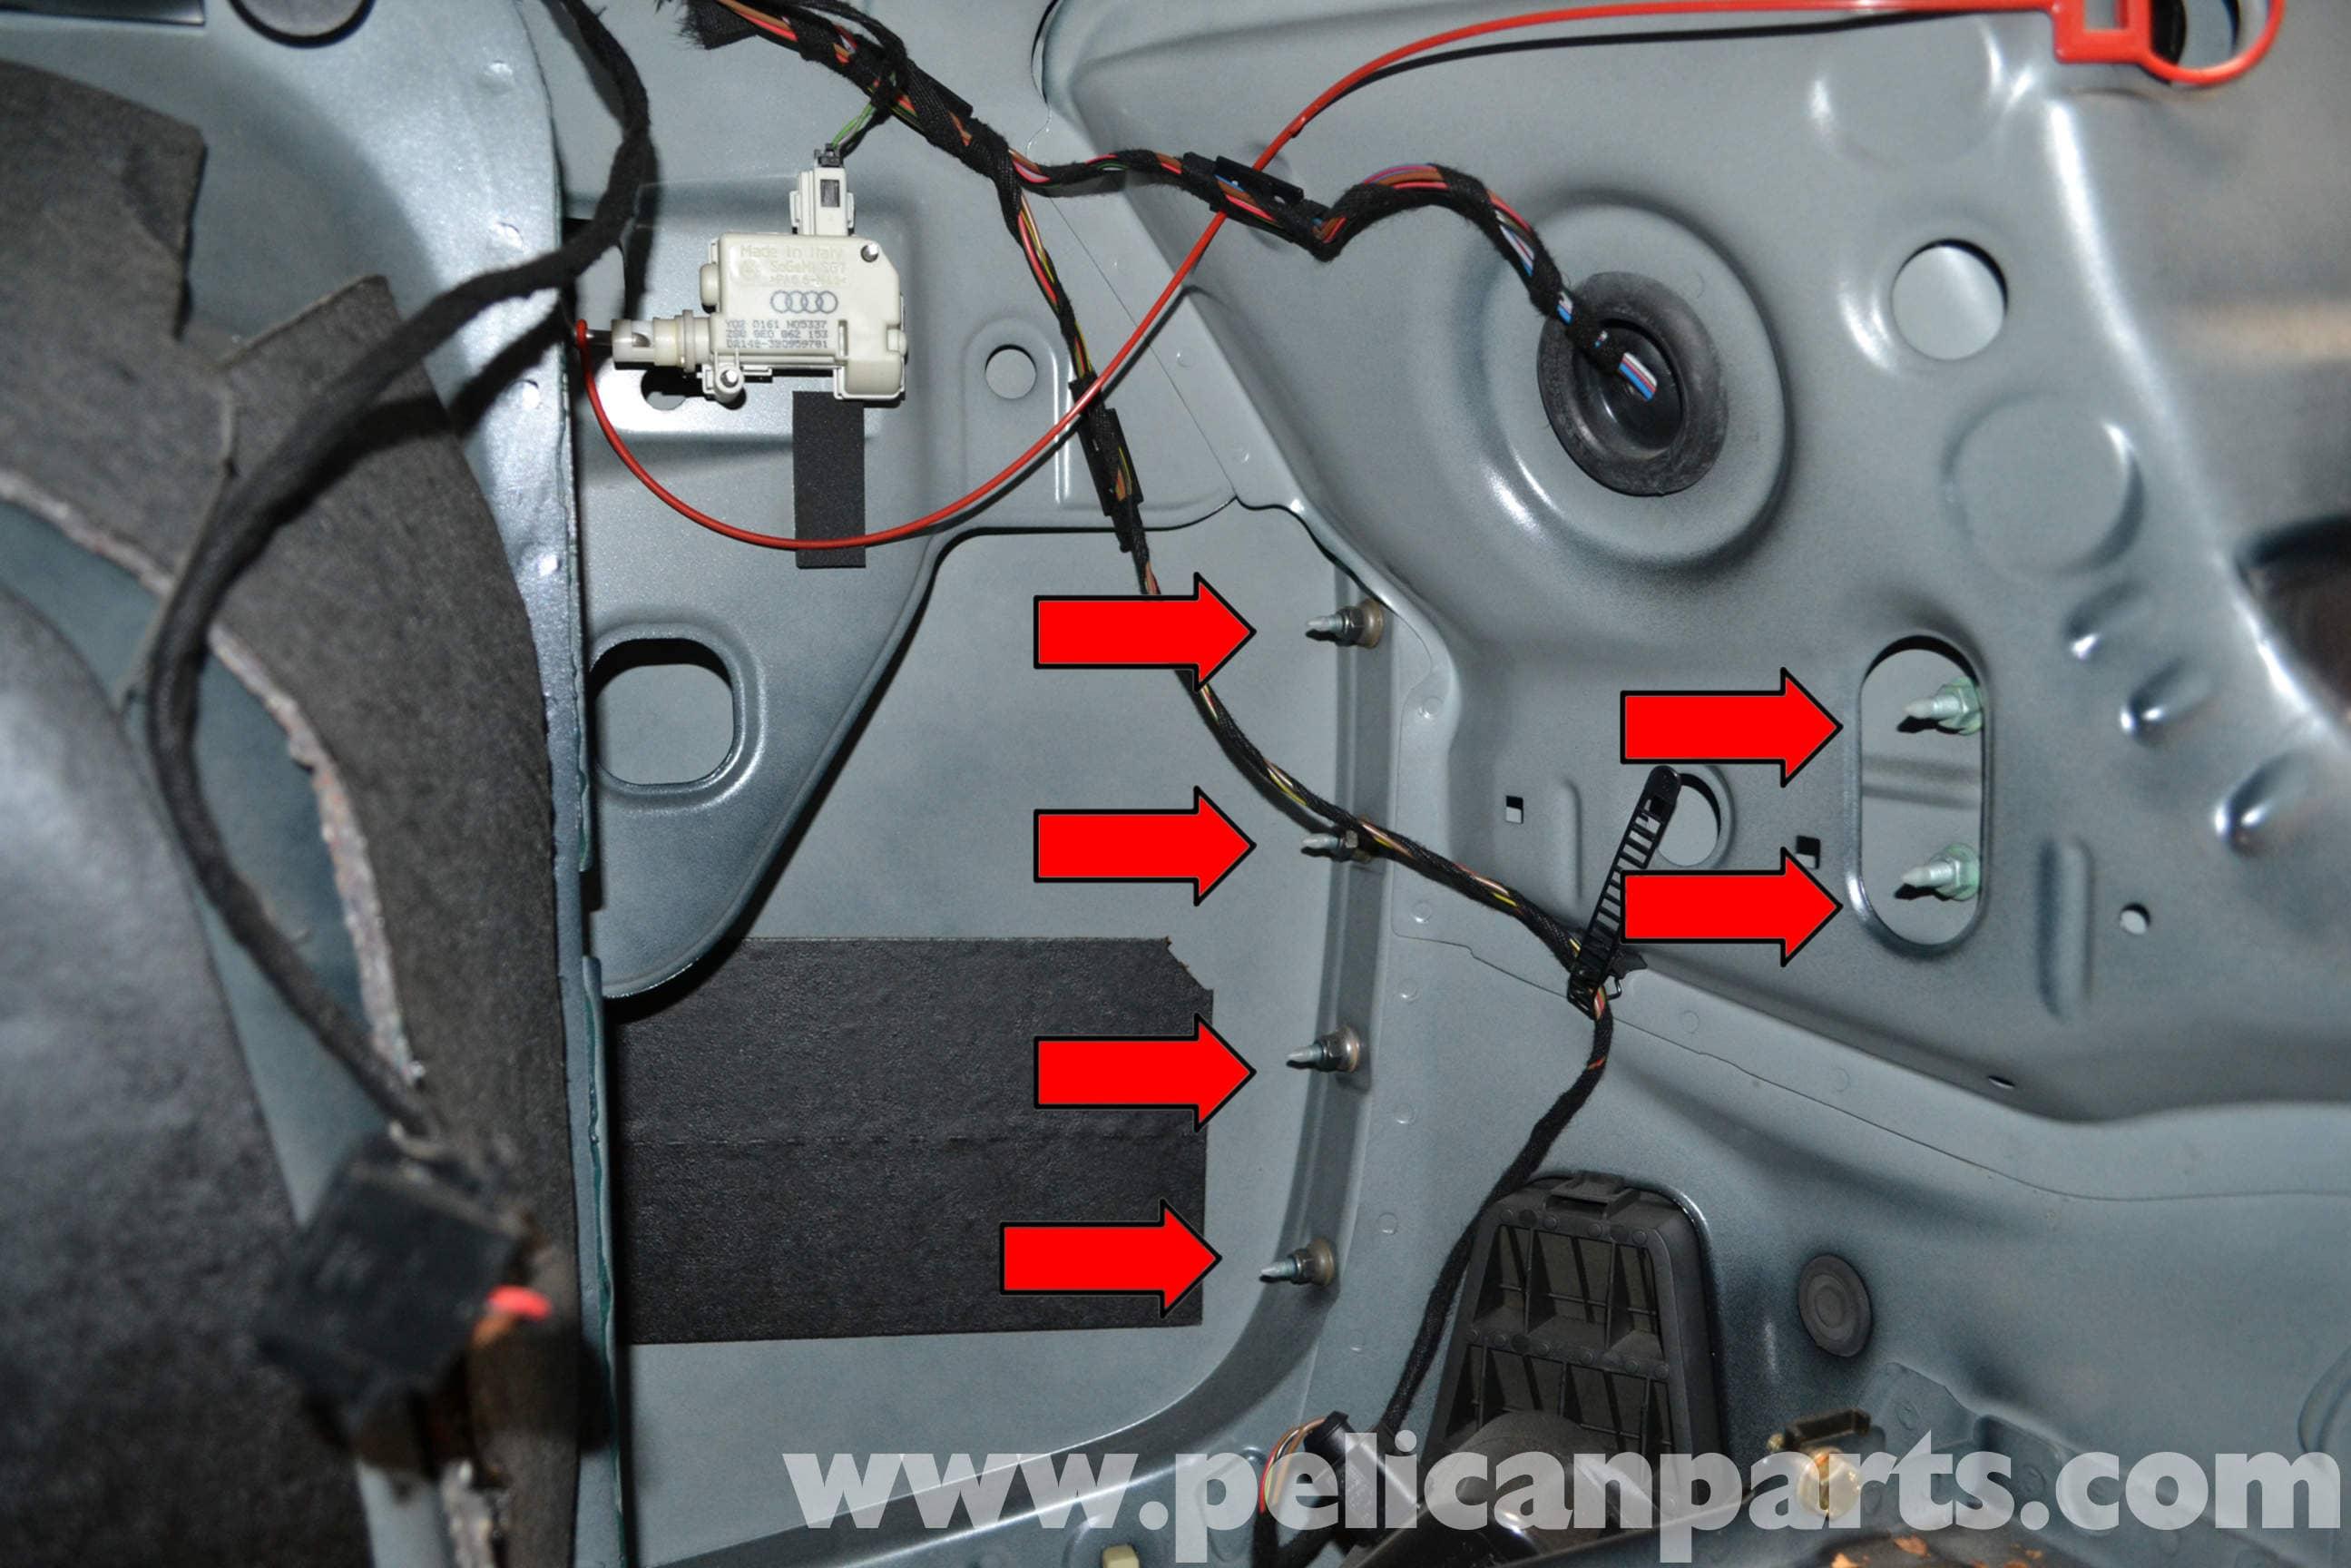 Audi A4 B6 Rear Bumper Removal (2002-2008) | Pelican Parts DIY